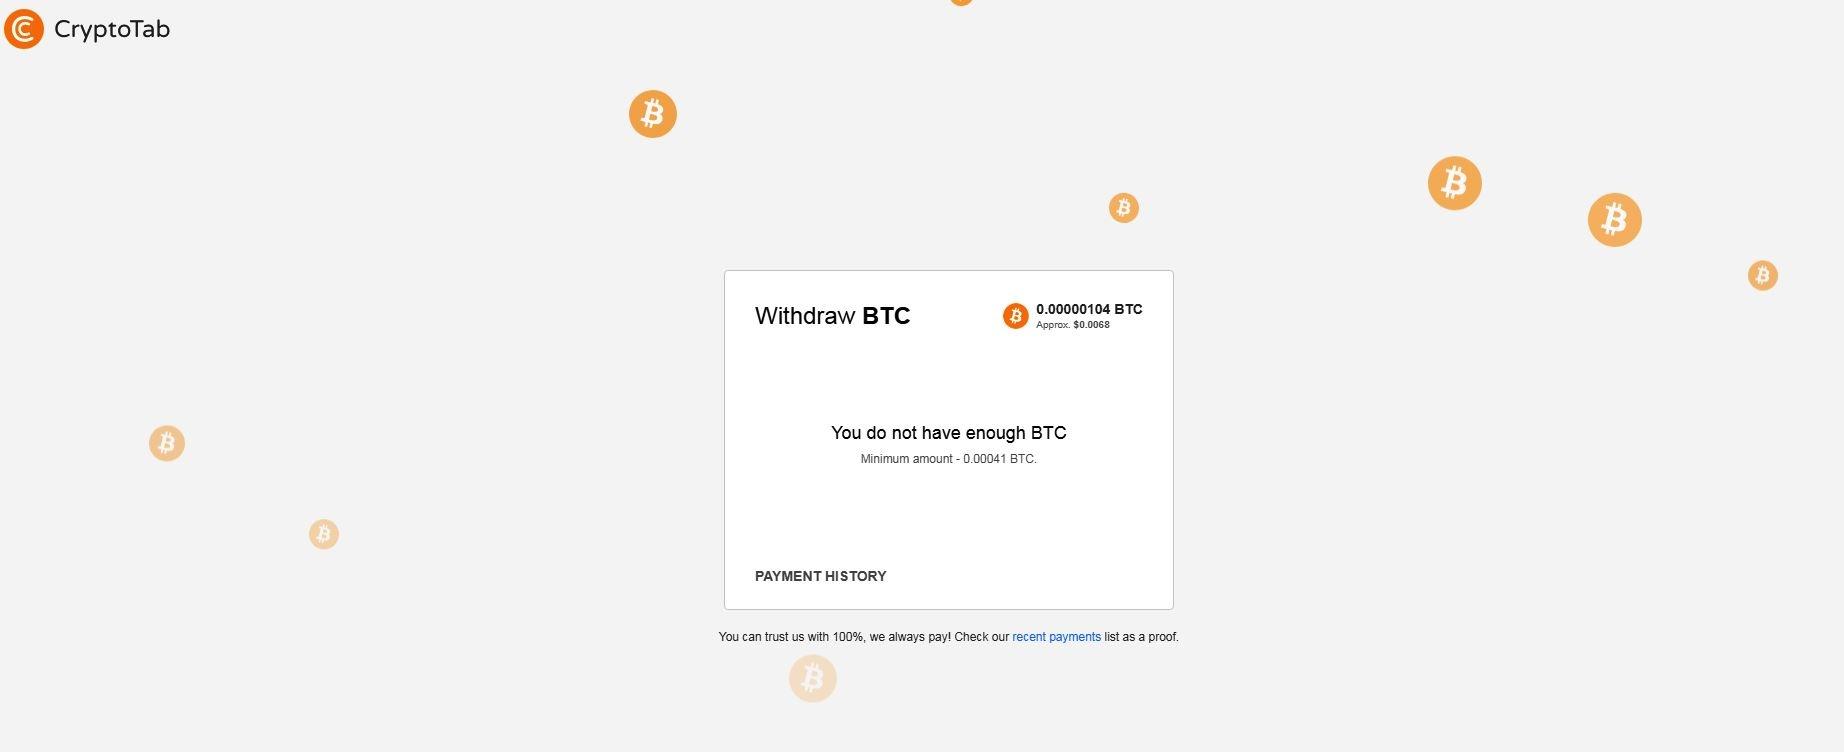 Przeglądarka CrypotoTab minimum do wypłaty